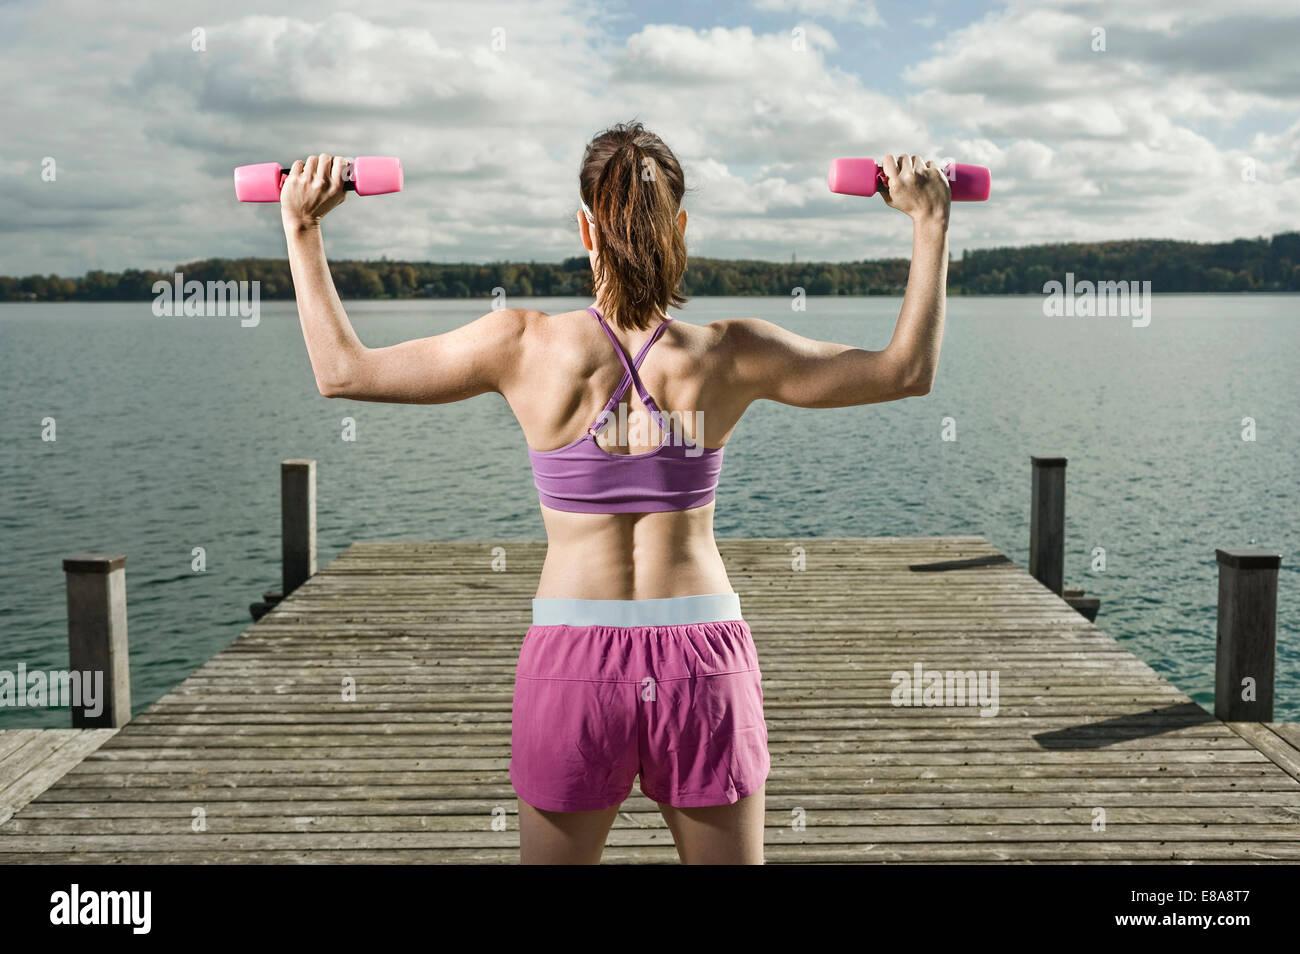 Mujer entrenamiento con pesas, Woerthsee, Baviera, Alemania Imagen De Stock